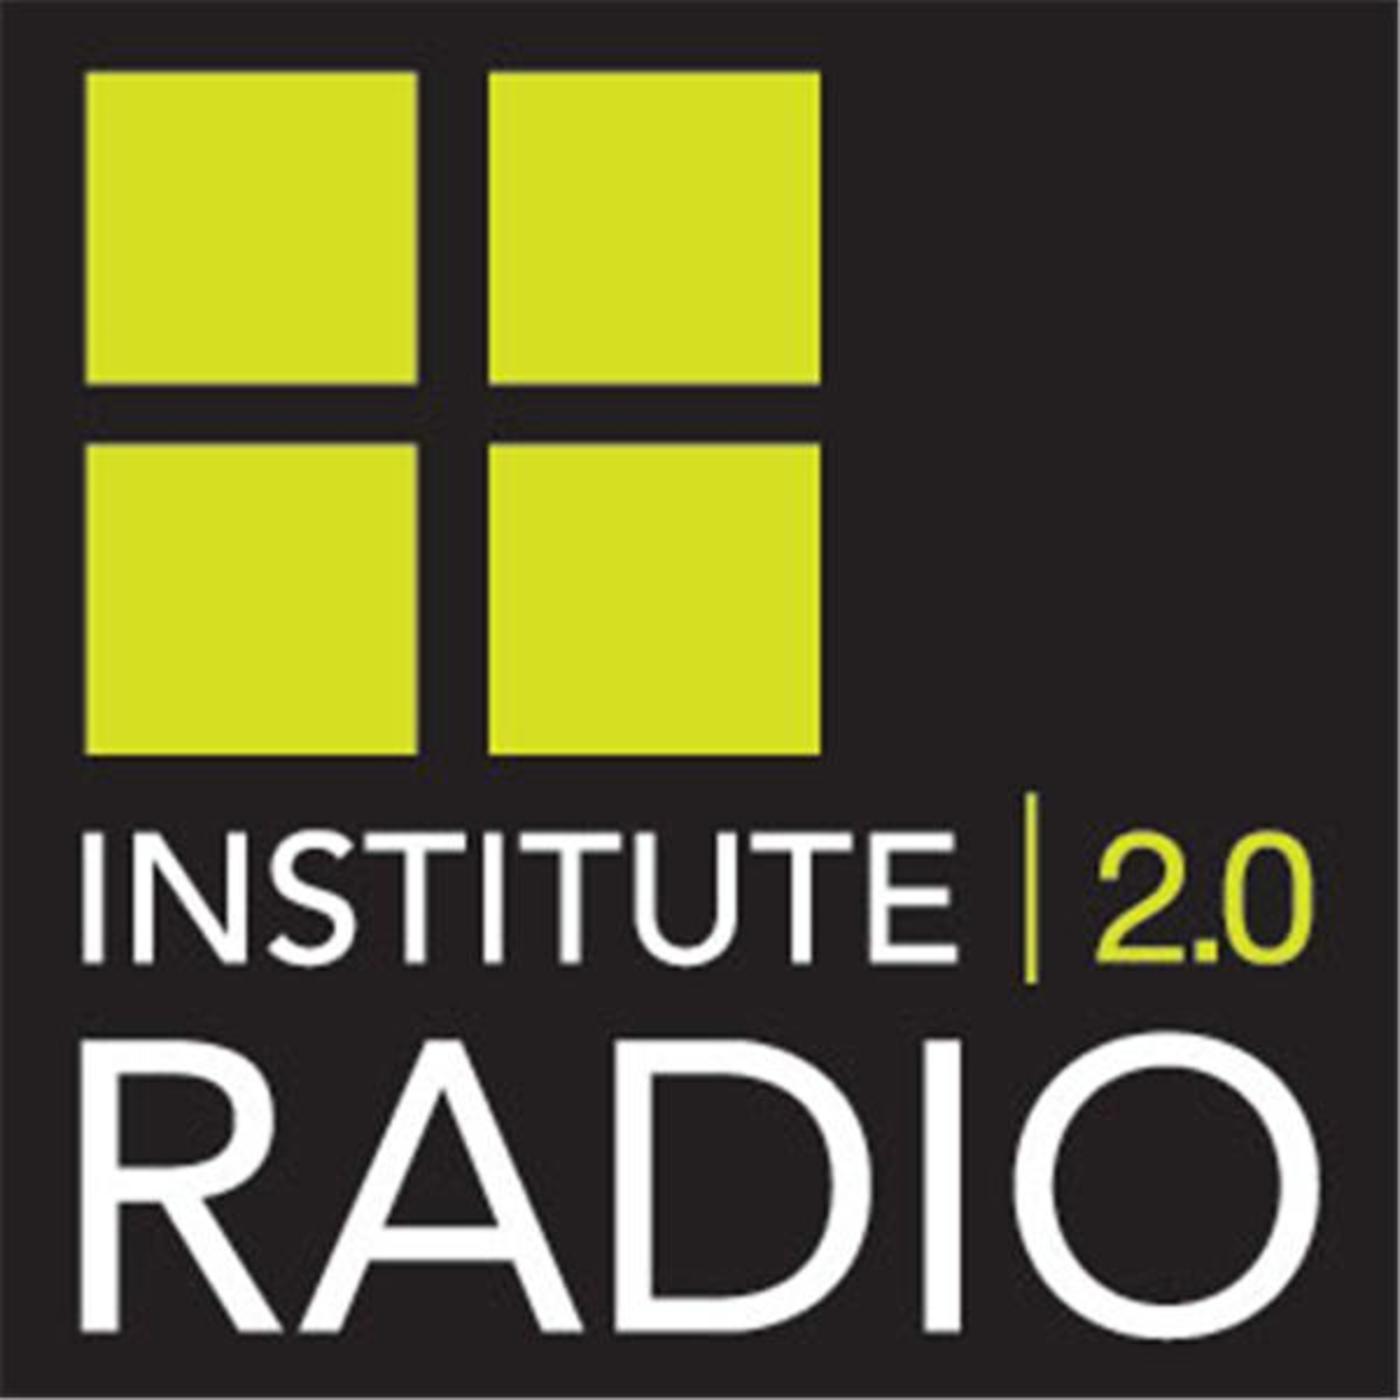 Institute 2.0 Radio